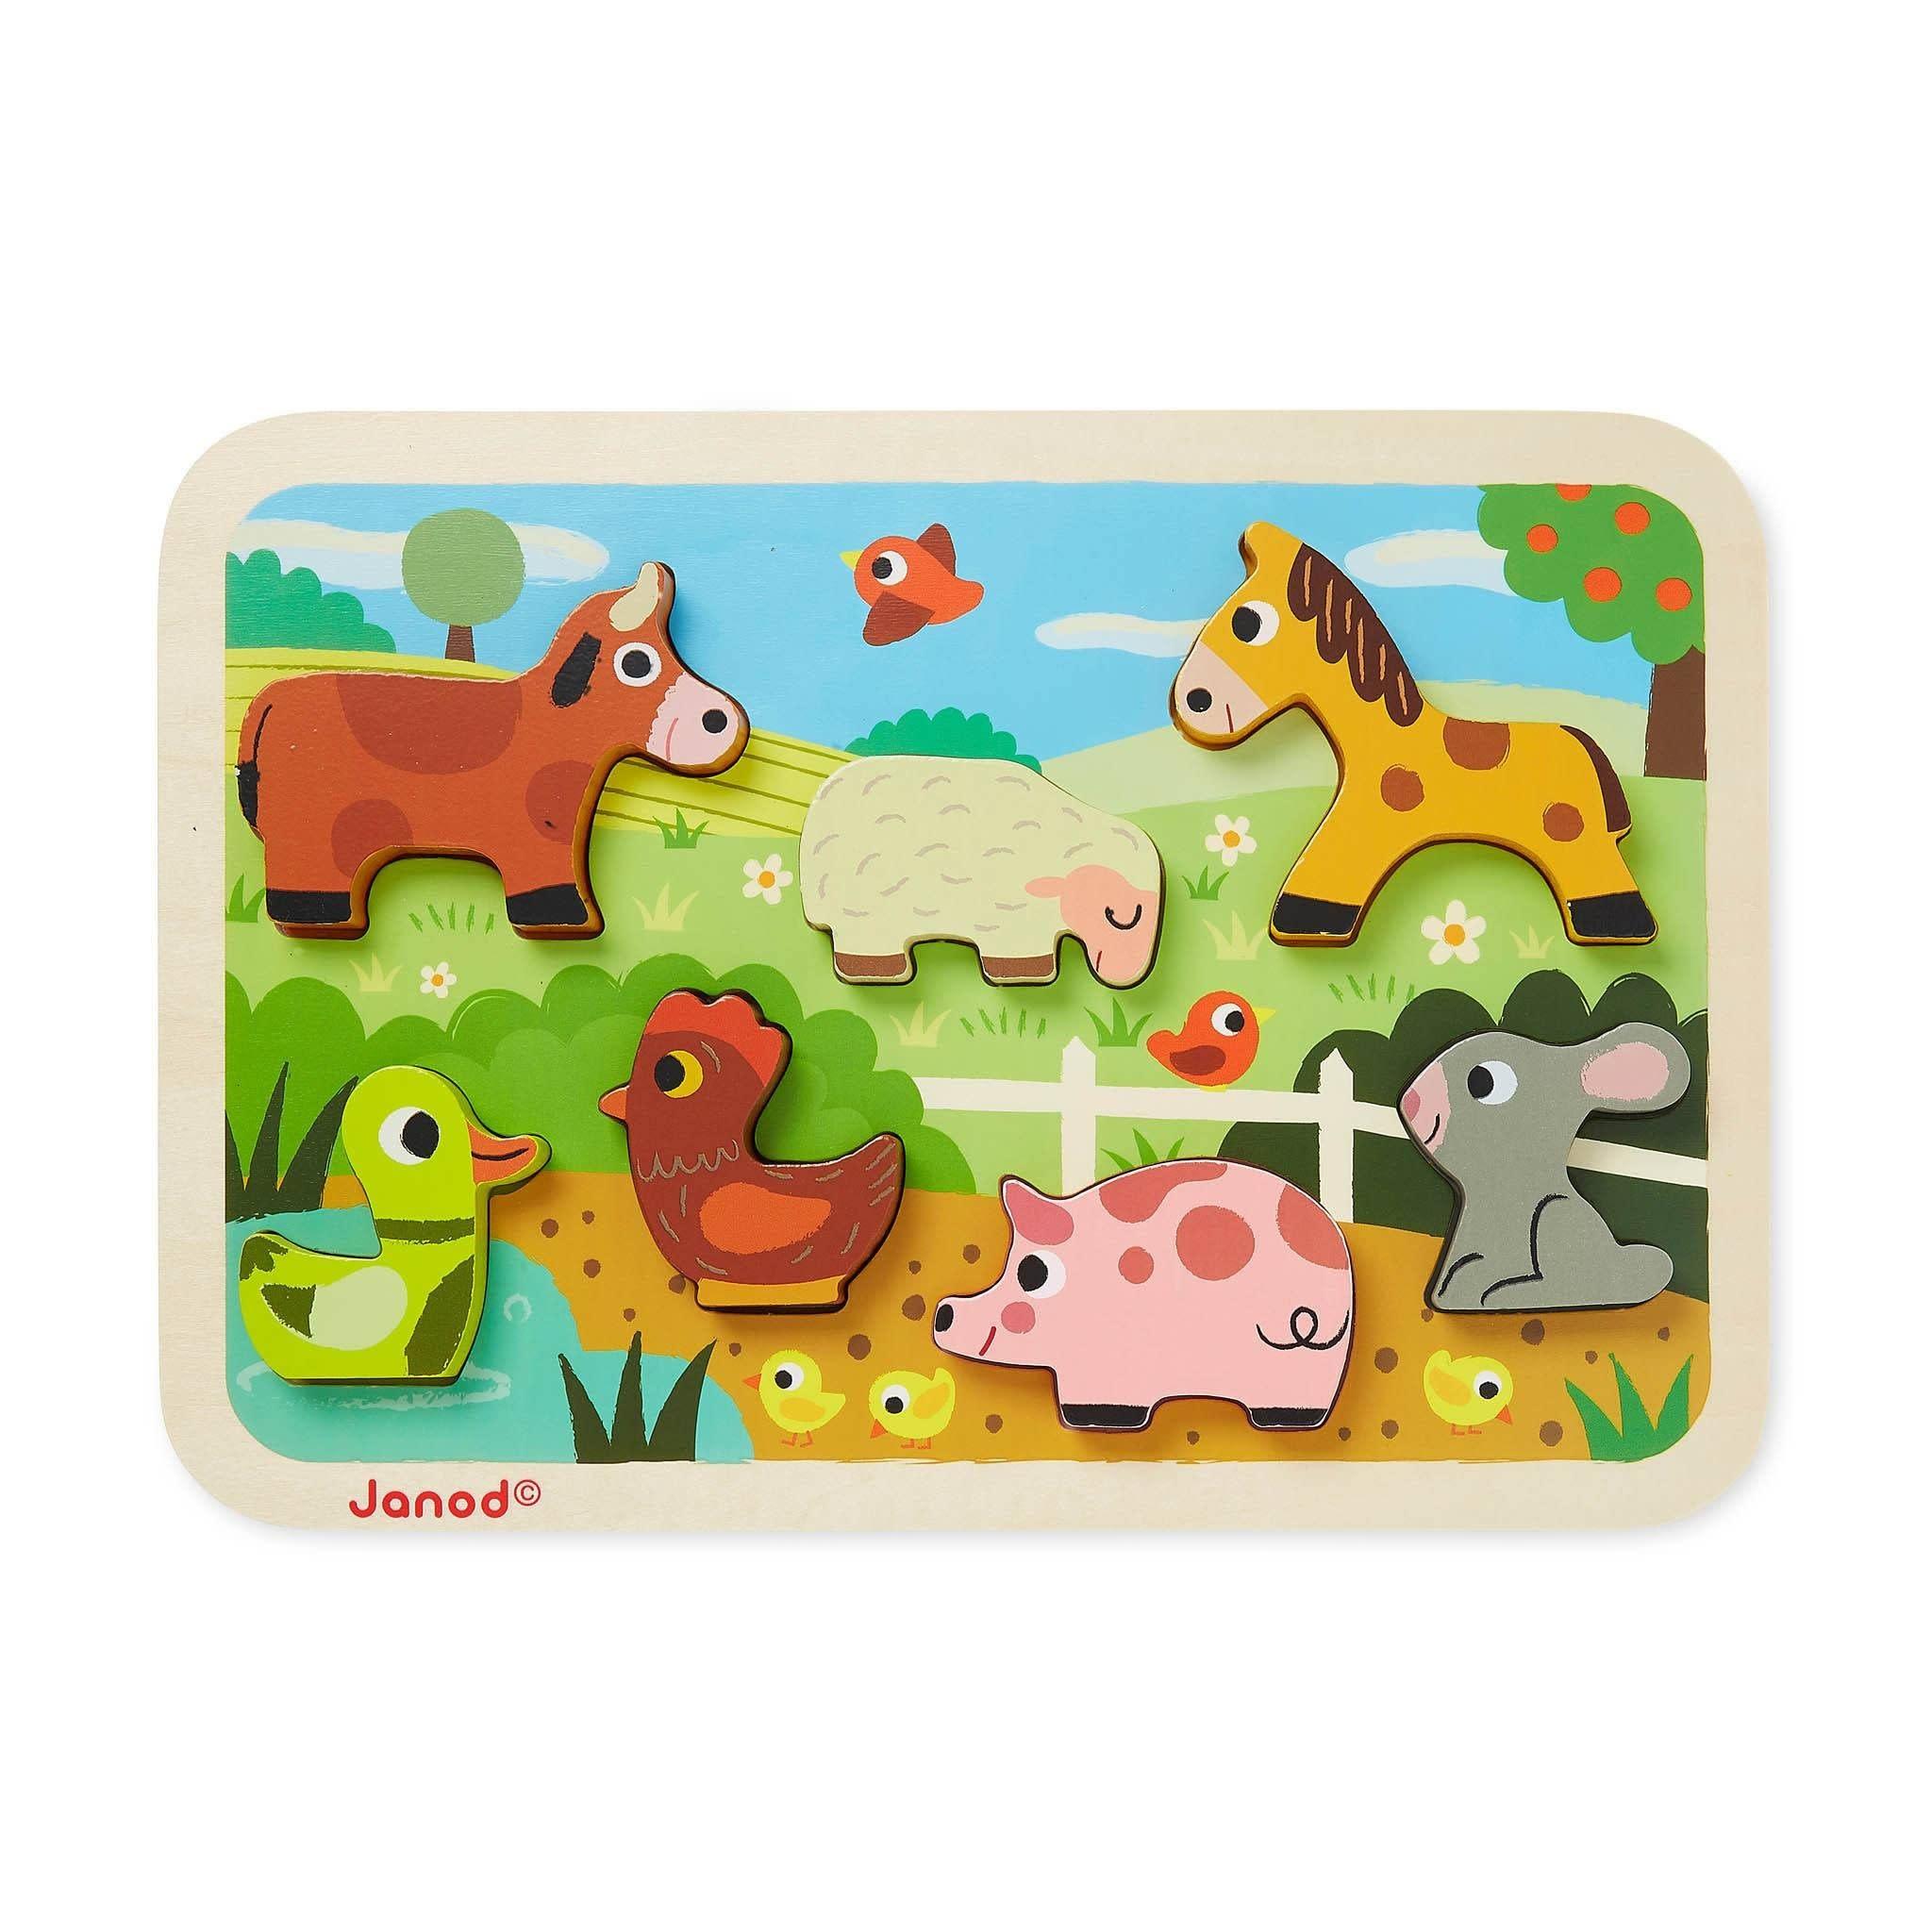 Janod Chunky Puzzle - Farm